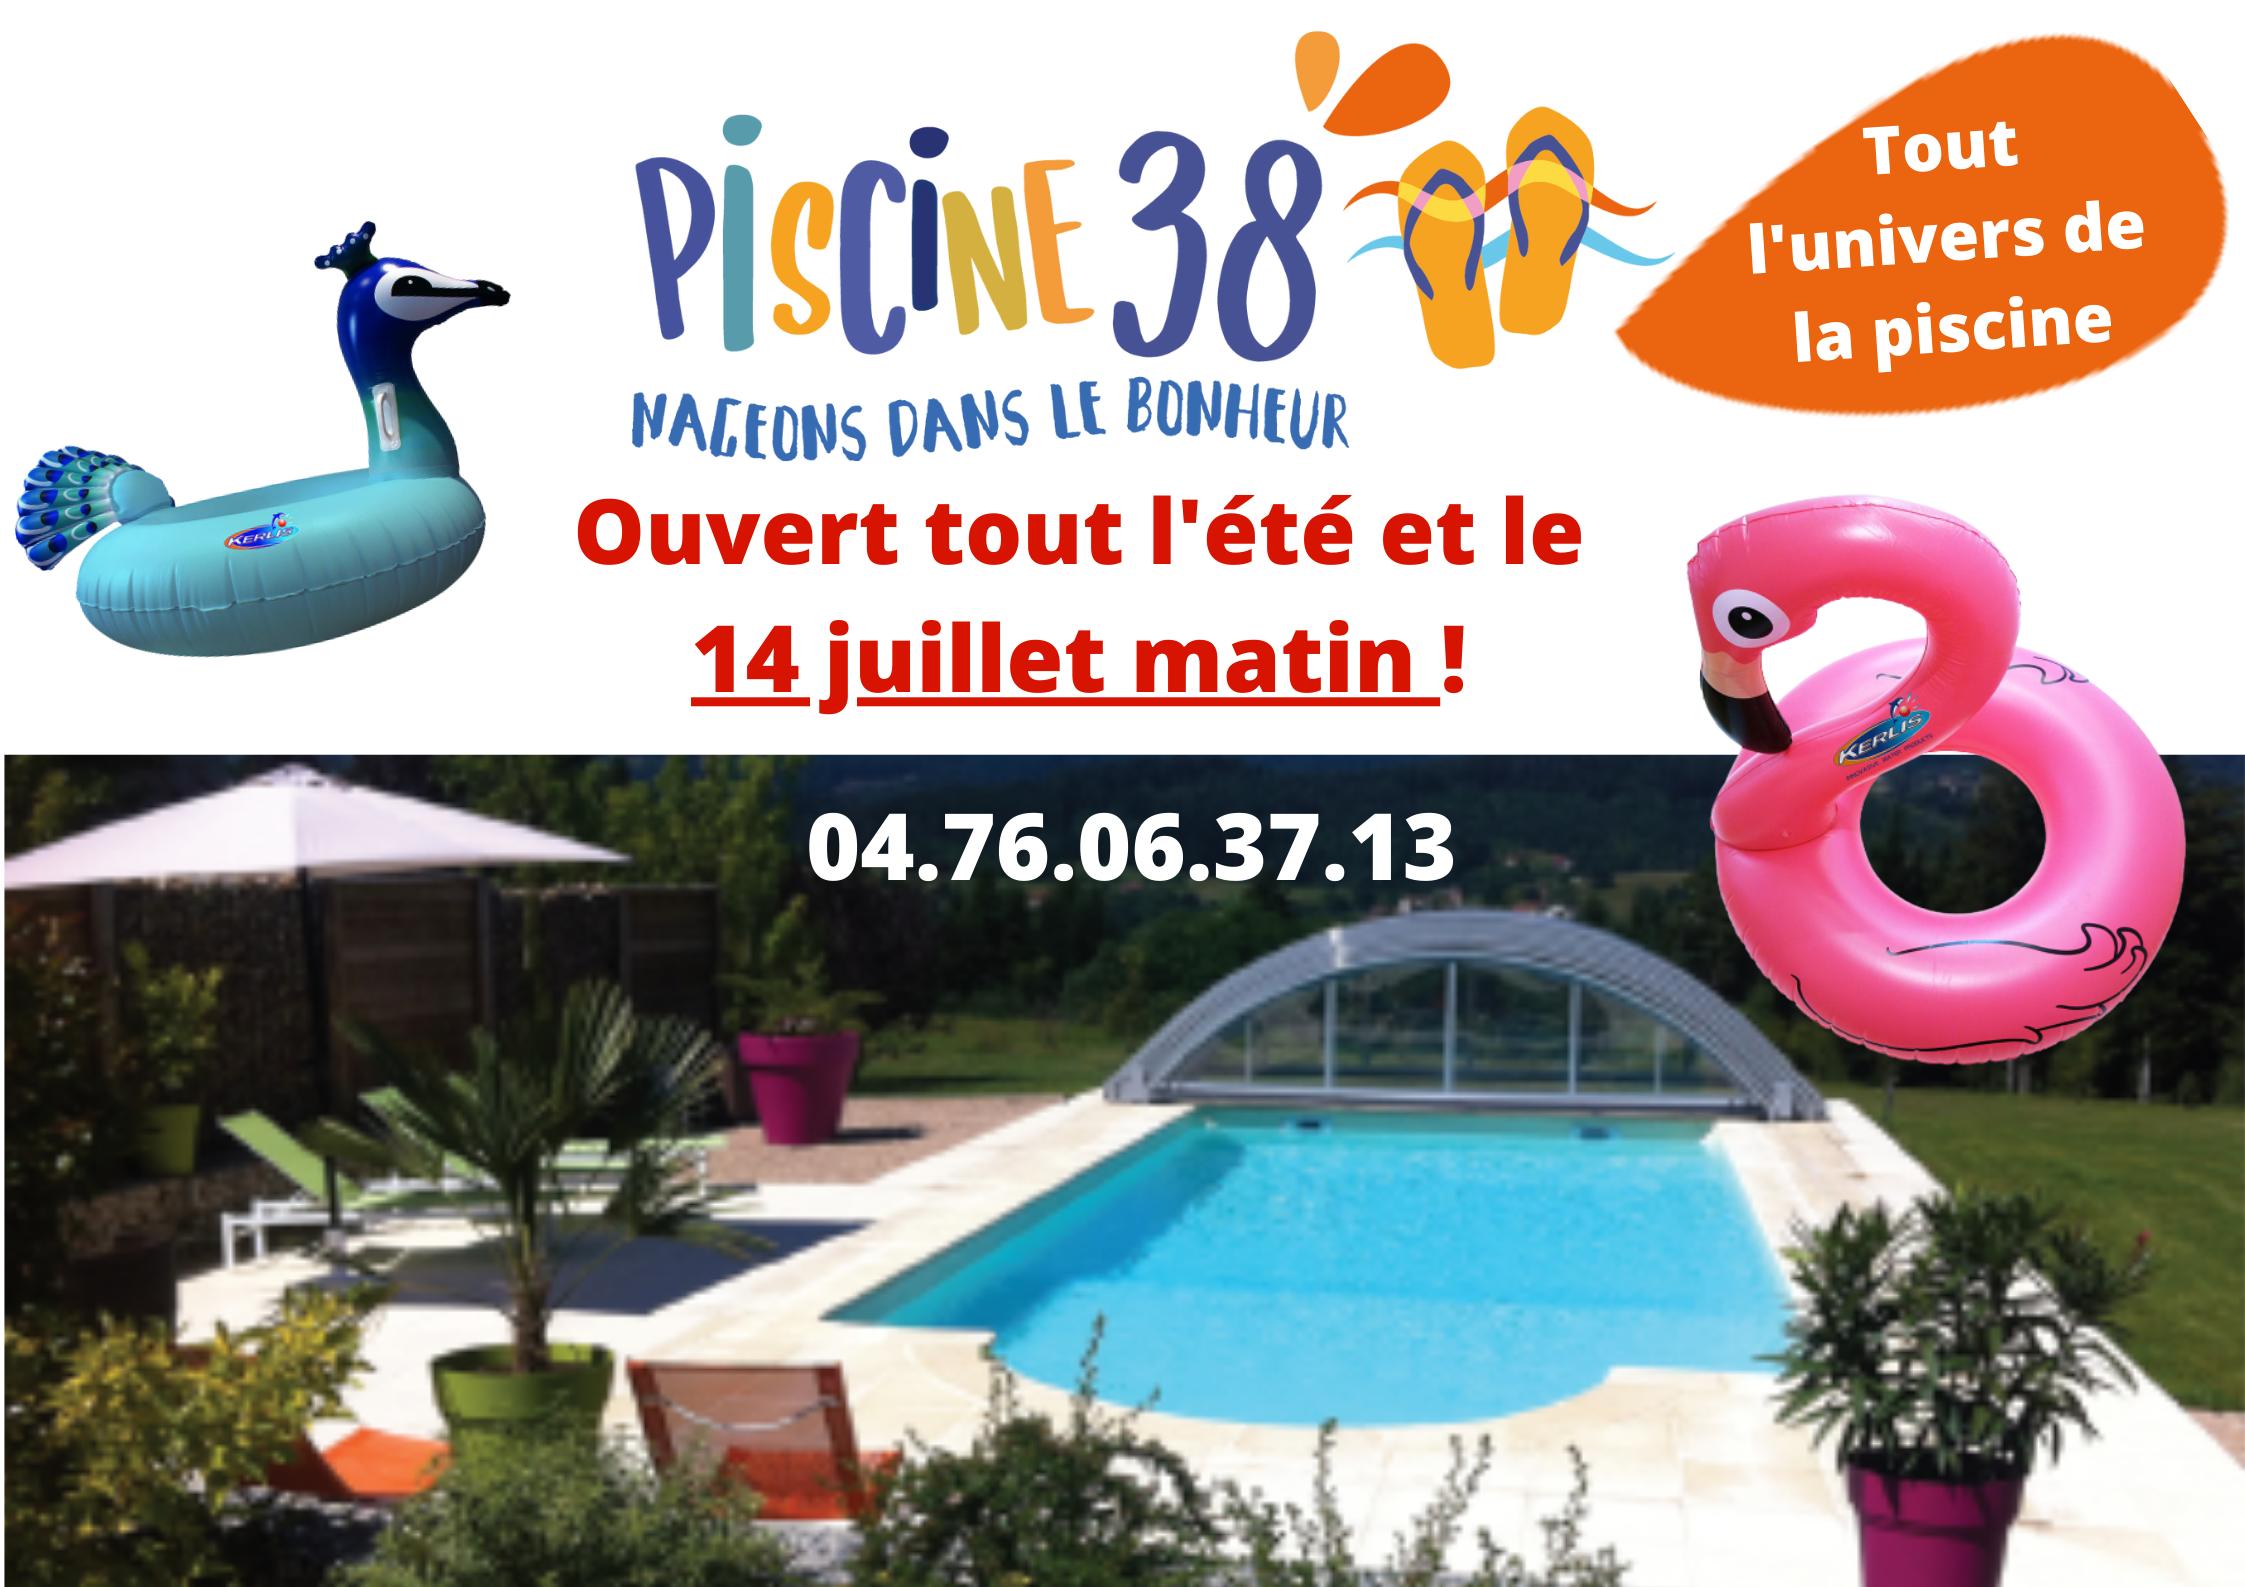 Votre magasin Piscine 38 sur Voiron ouvert le 14 juillet 2021 matin !